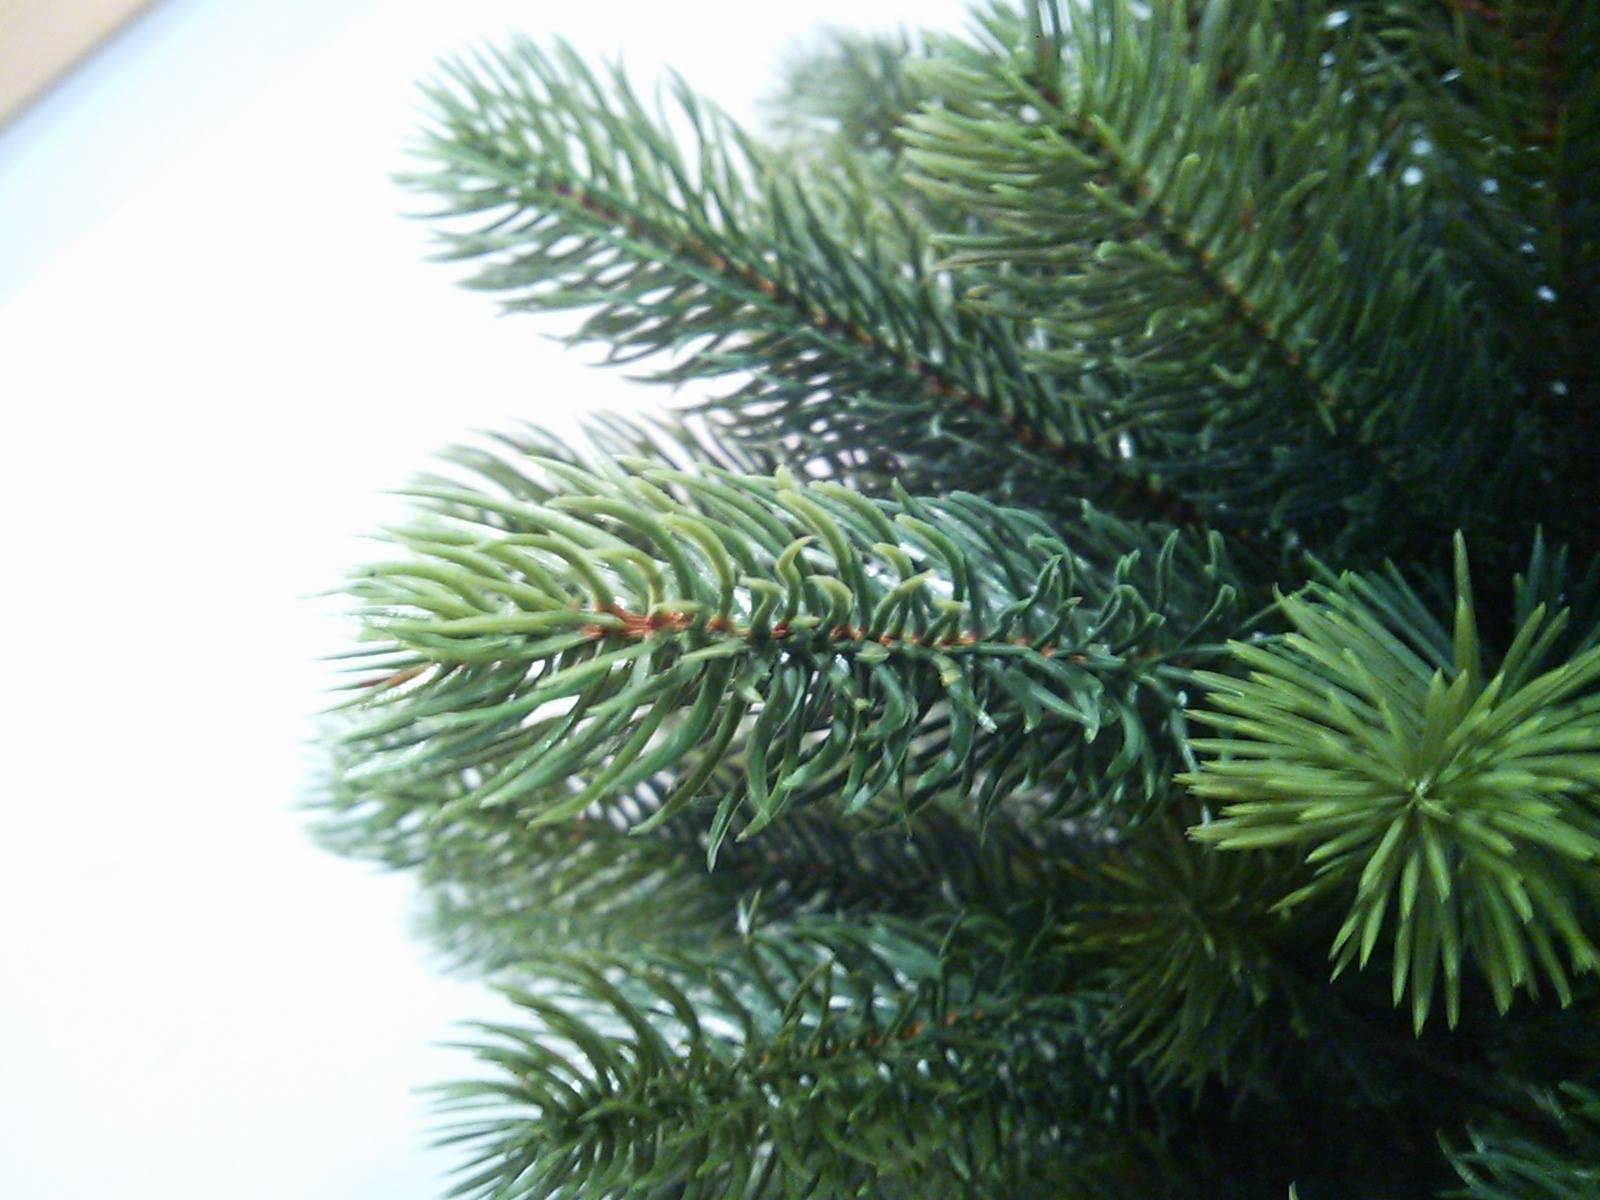 RS GLOBAL TRADE社のクリスマスツリーが入荷しました。_a0121669_1694626.jpg